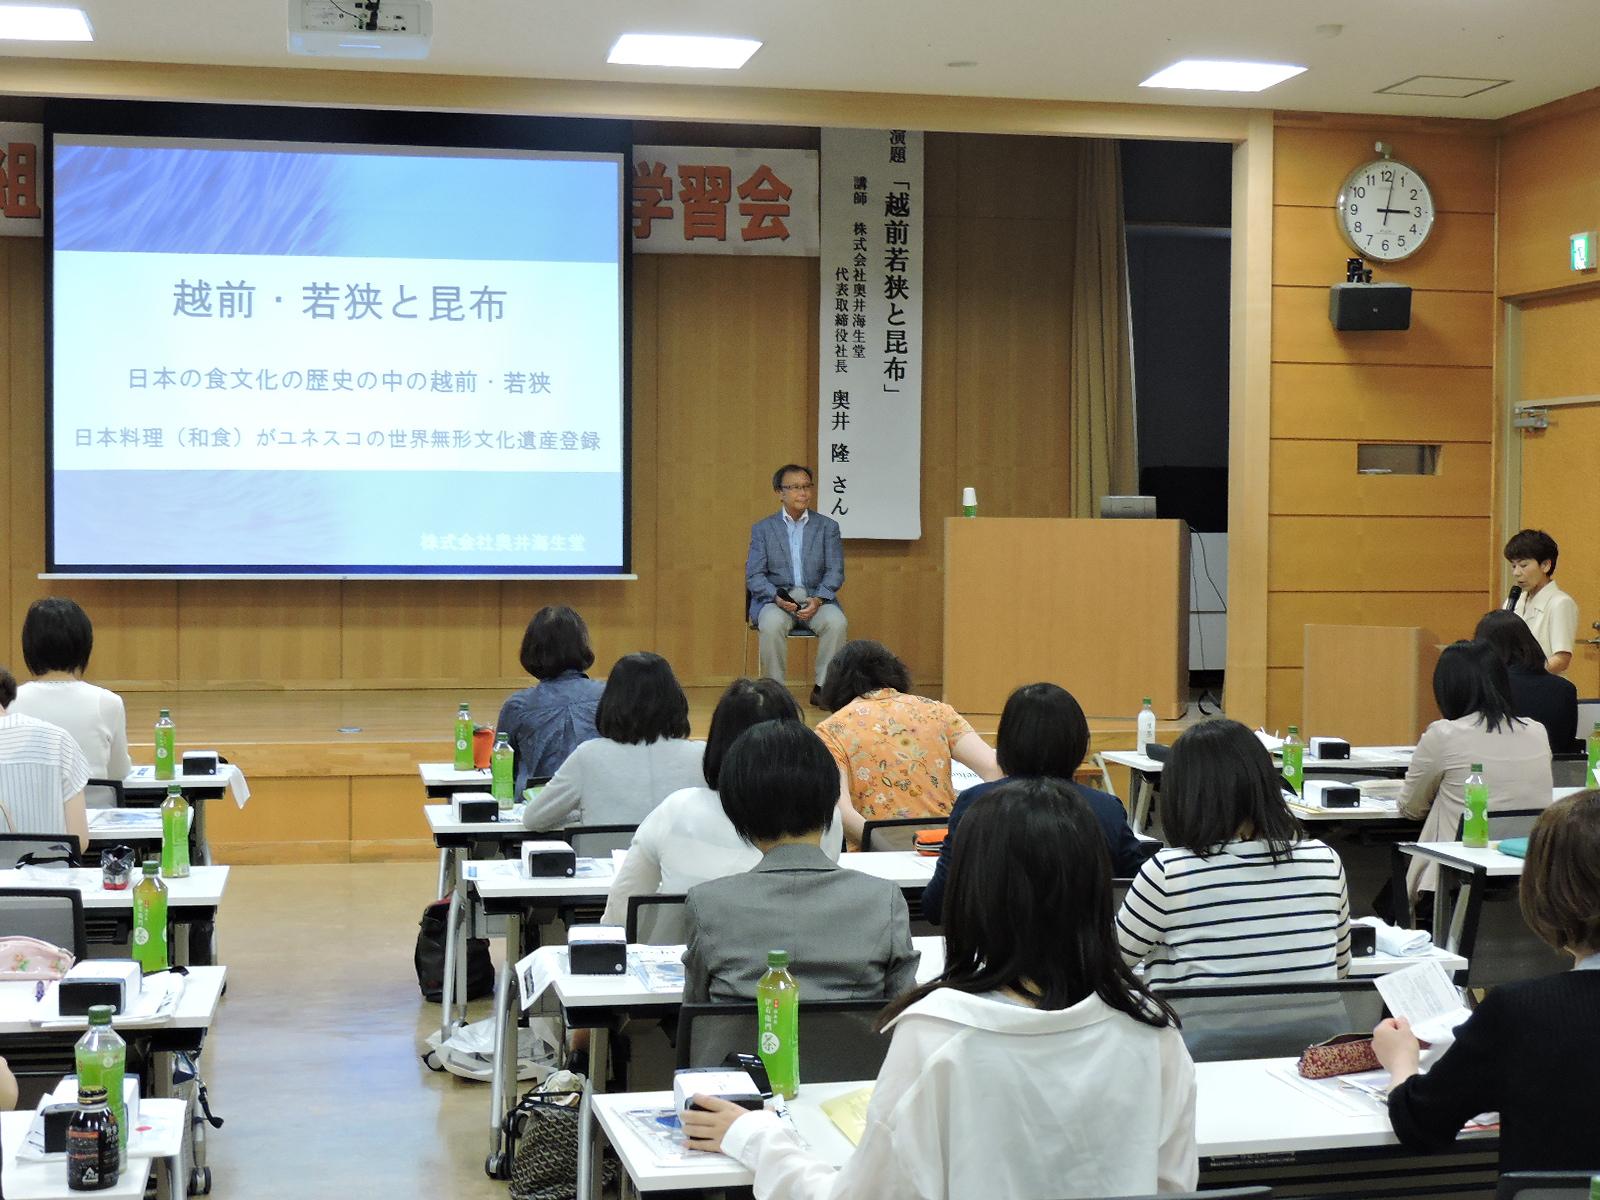 福井県教育センターで講演会                                                               主催:福井県教職員組合 栄養教職員部   平成29年6月22日(木曜日)